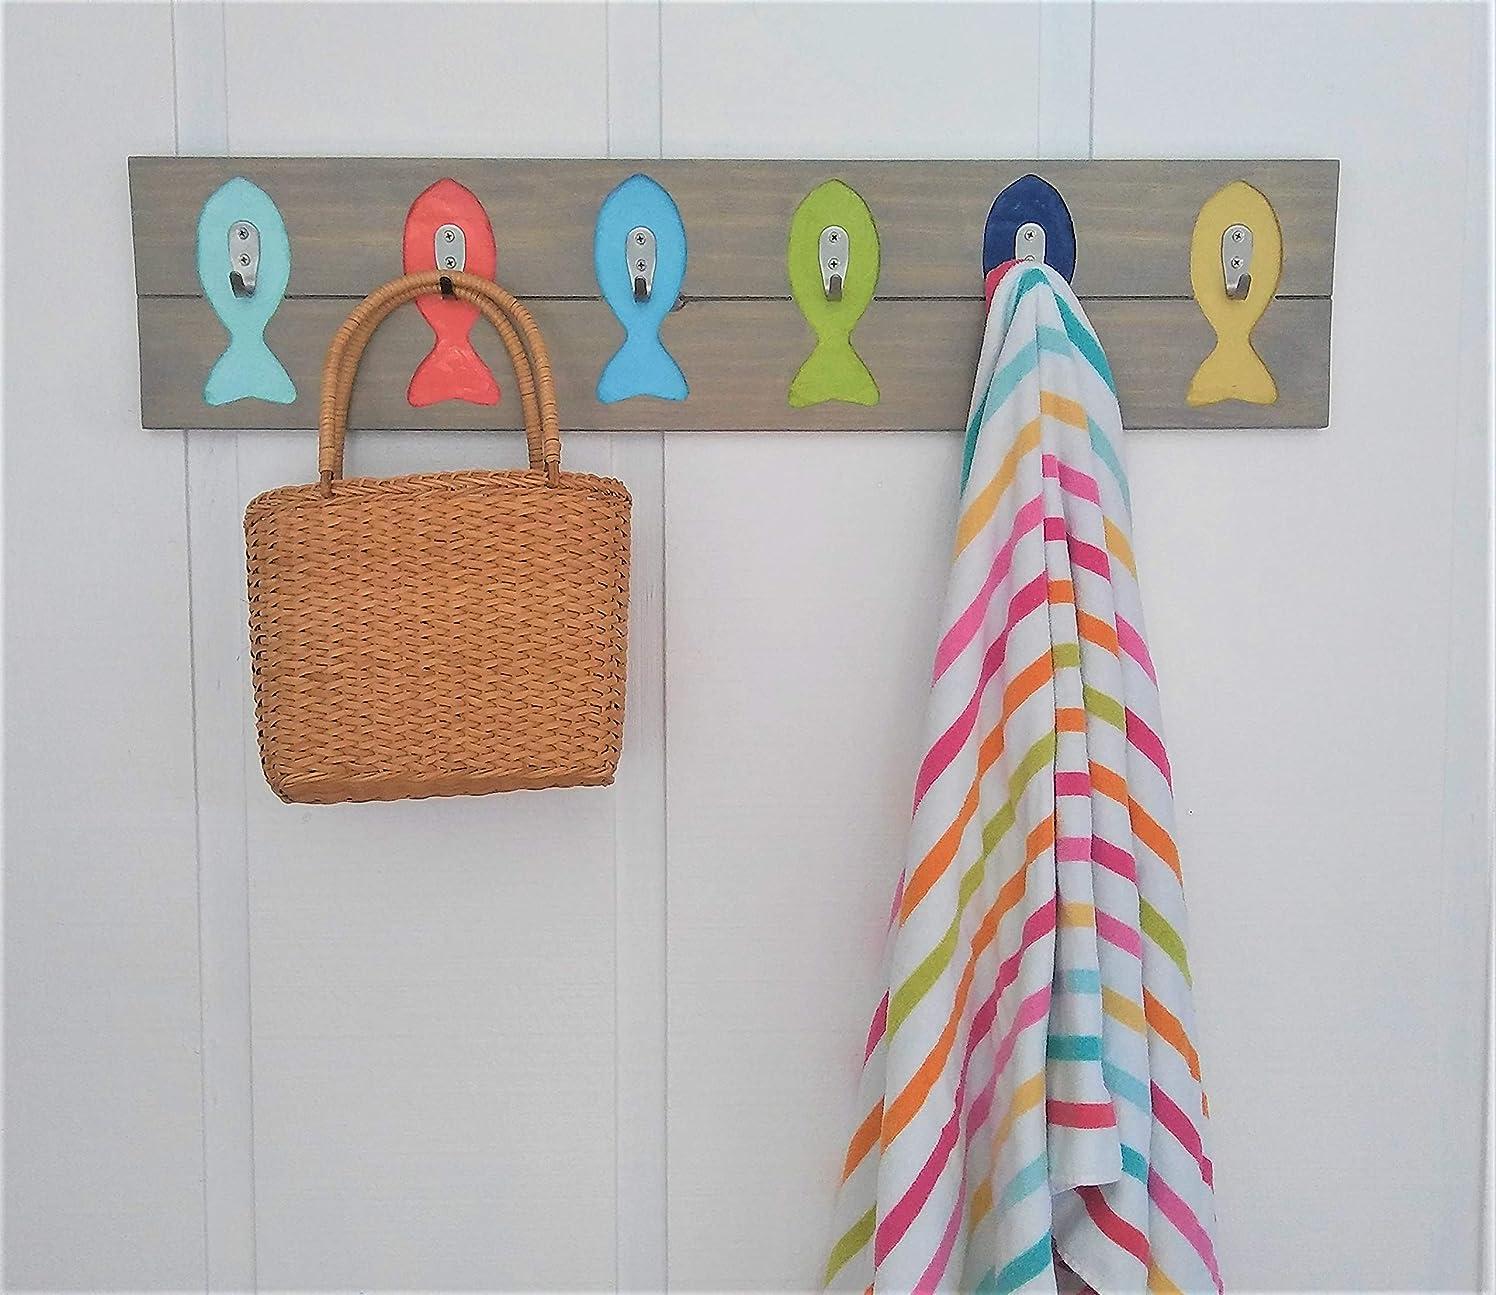 Handmade Indoor/Outdoor Fish Hat Towel Bathing Suit Pool Rack/Coastal Beach Hooks Multi on Brown